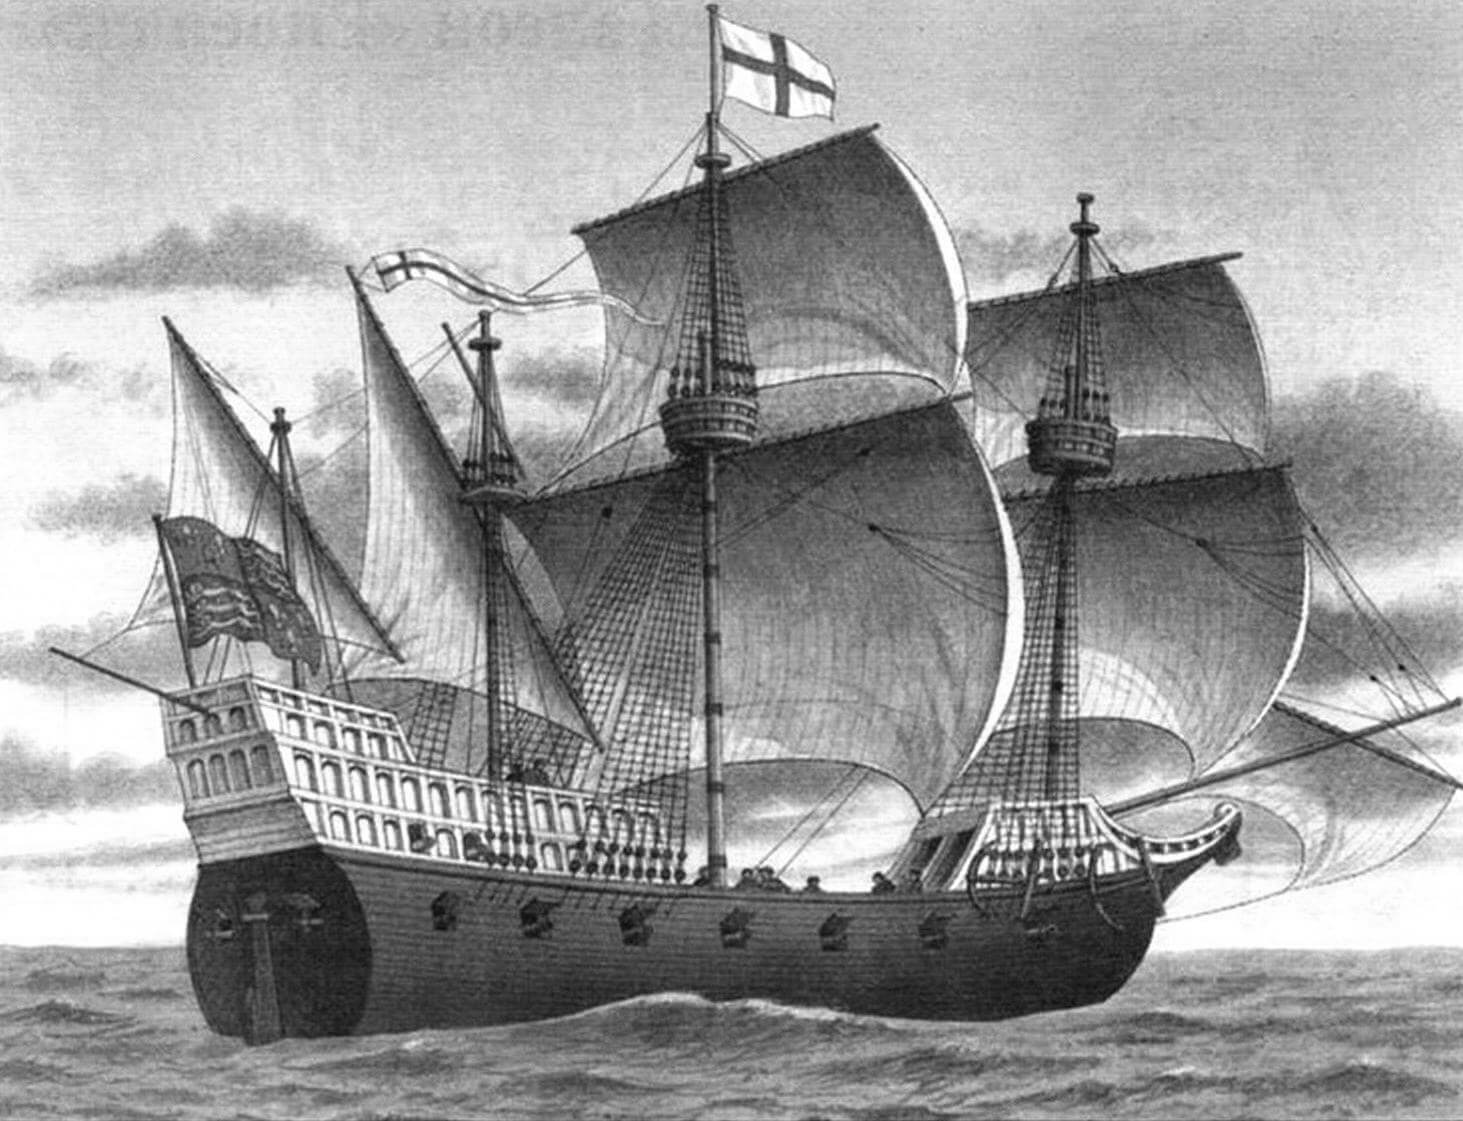 47-пушечный галеон Королевского флота «Элизабет Бонавенчур» (Elizabeth Bonaventure) - флагманский корабль сэра Френсиса Дрейка во время экспедиции 1585- 1586 годов и атаки Кадиса в 1587 году